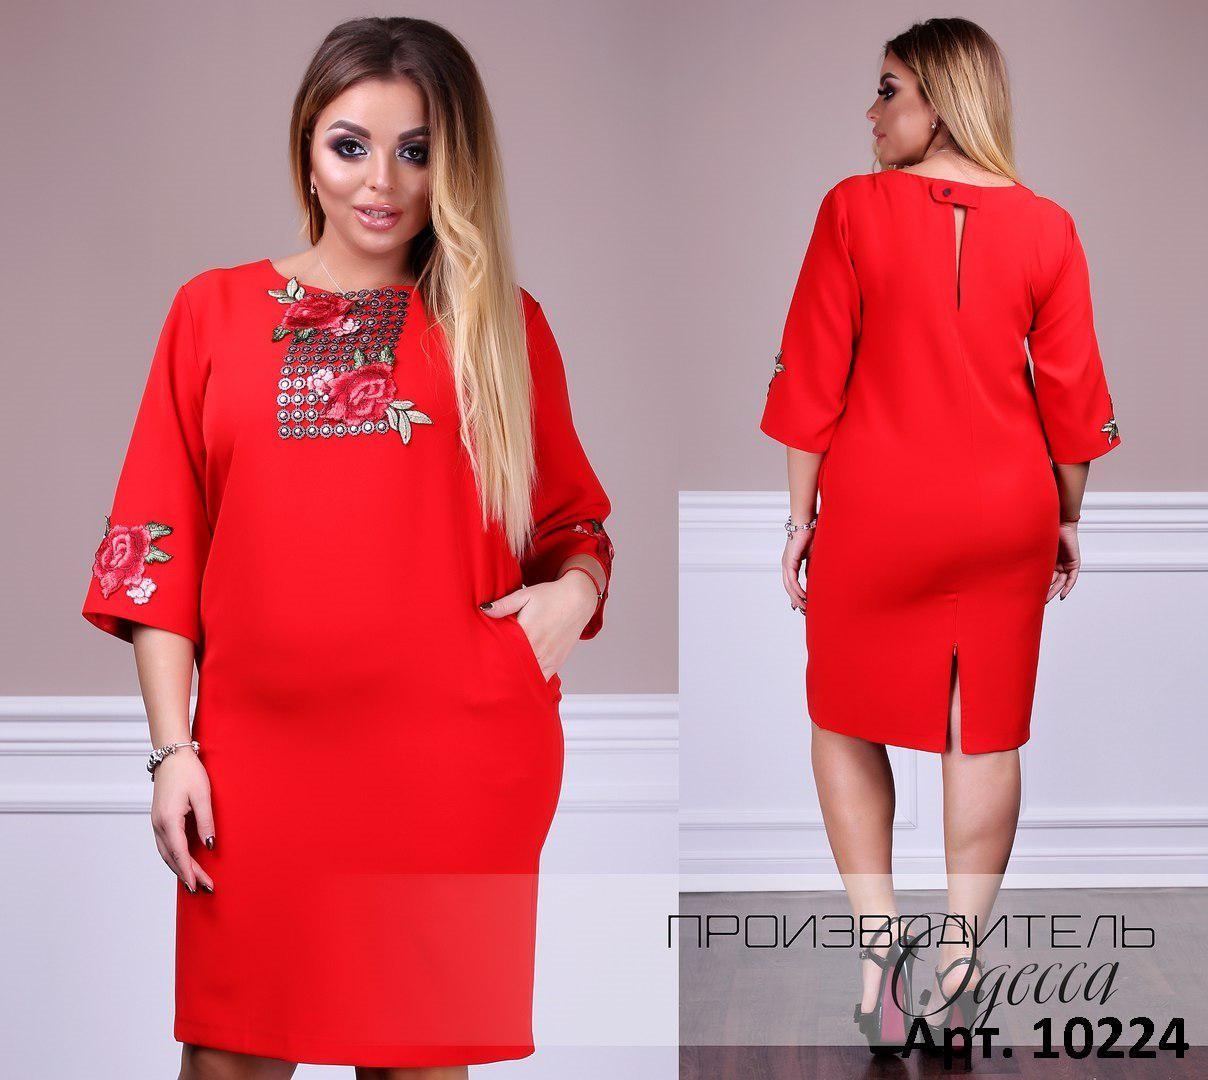 8e6db20b4ac Стильное женское платье большого размера Производитель Украина р. 46 ...